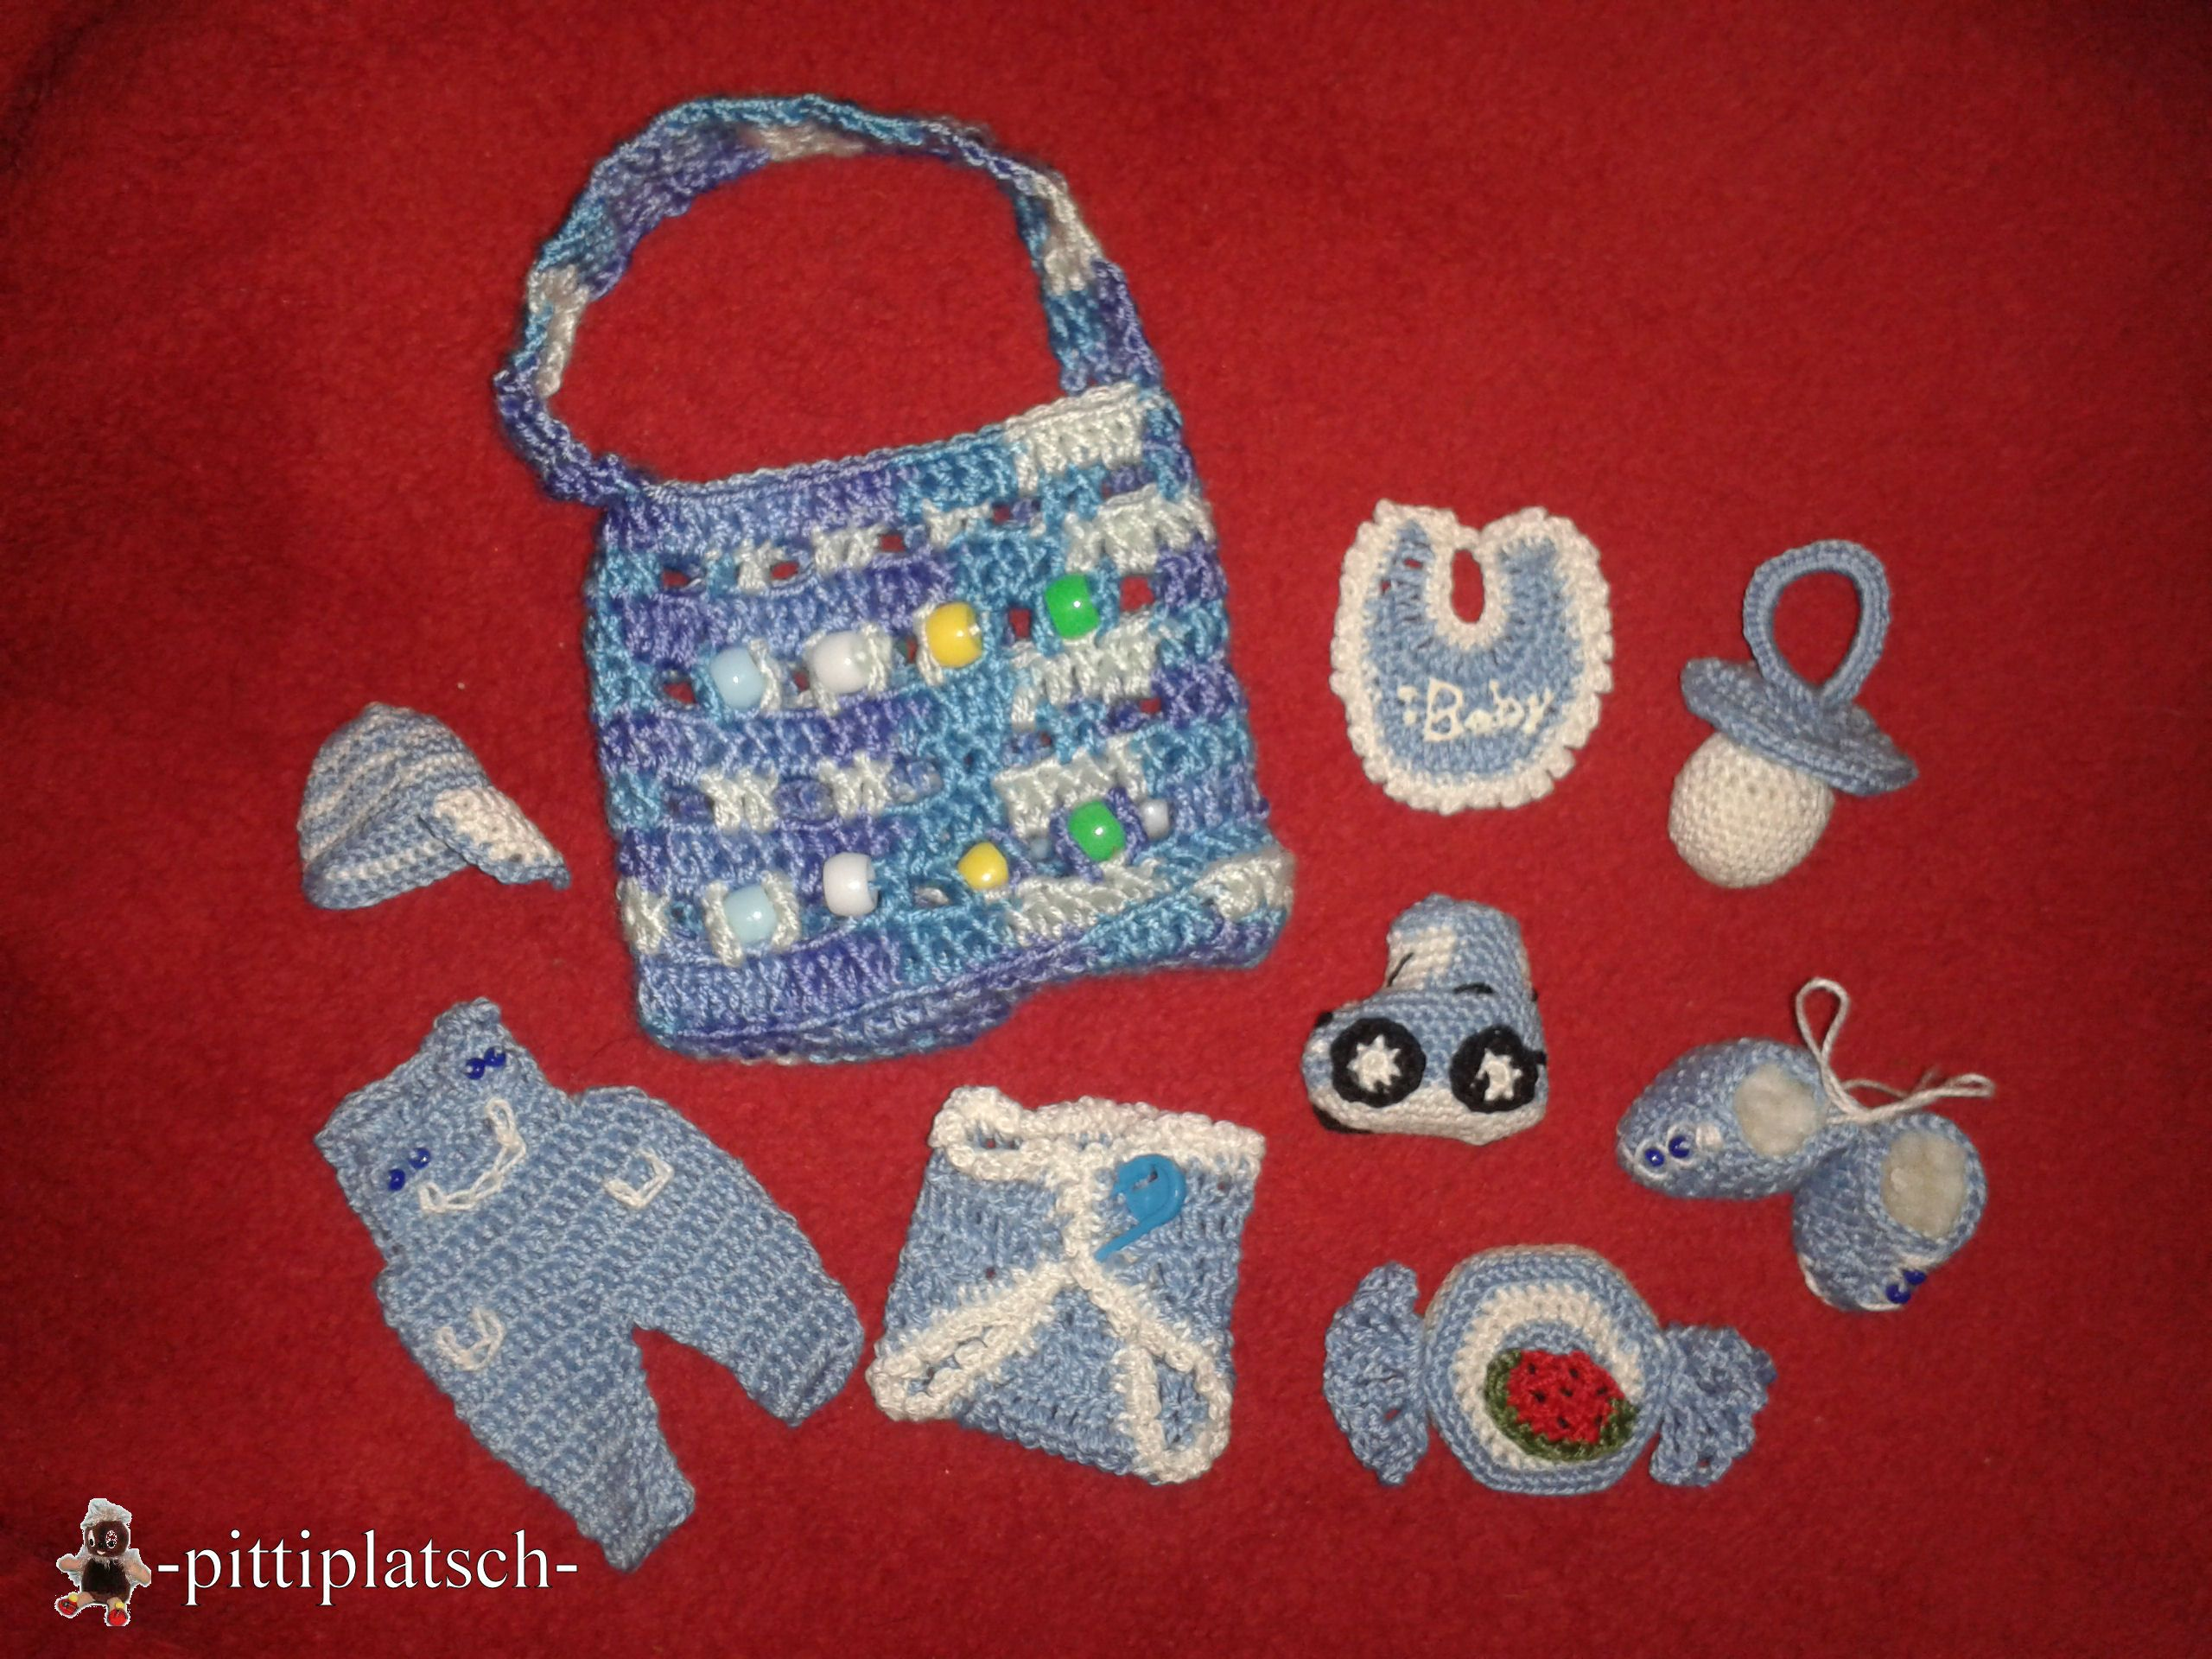 Babyparty-Mitbringsel für Jungs - bestehend aus Tasche, Lätzchen, Windel, Nuckel, Latzhose, Basecap, Auto, Turnschuhen und Bonbon